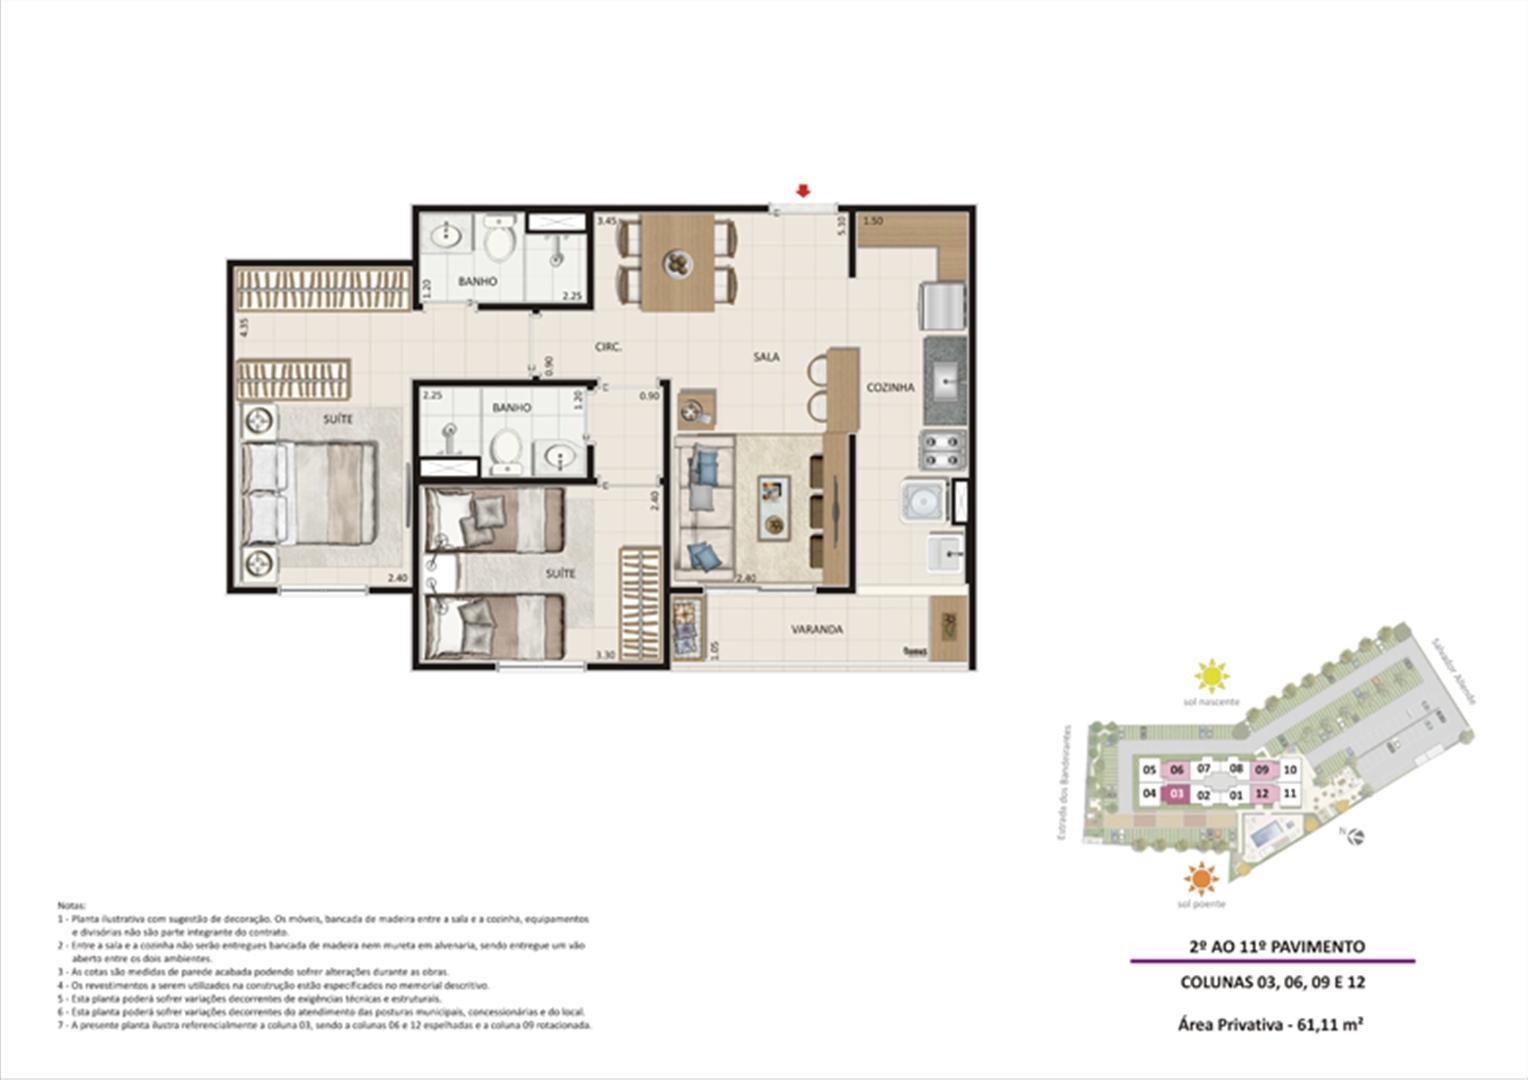 Apartamento 2 quartos tipo 02 - Espelhado | Live Bandeirantes All Suites – Apartamento em  Jacarepaguá - Rio de Janeiro - Rio de Janeiro